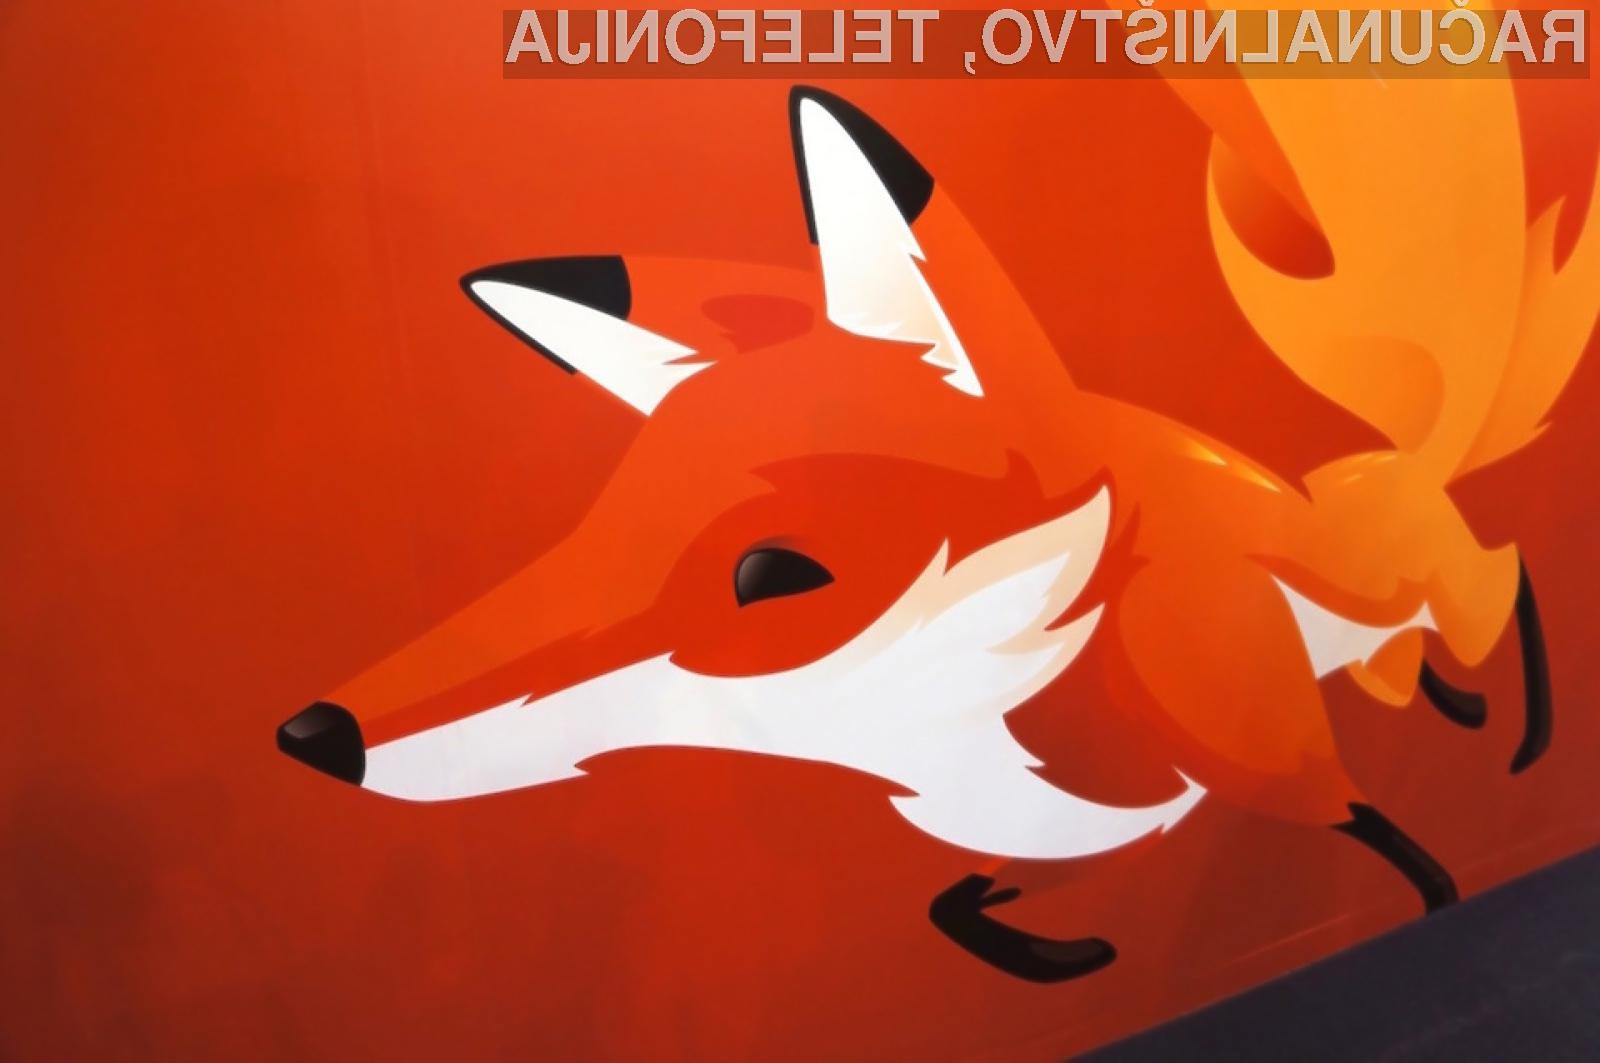 Novi Firefox vam bo zagotovo polepšal uporabniško izkušnjo na spletu.